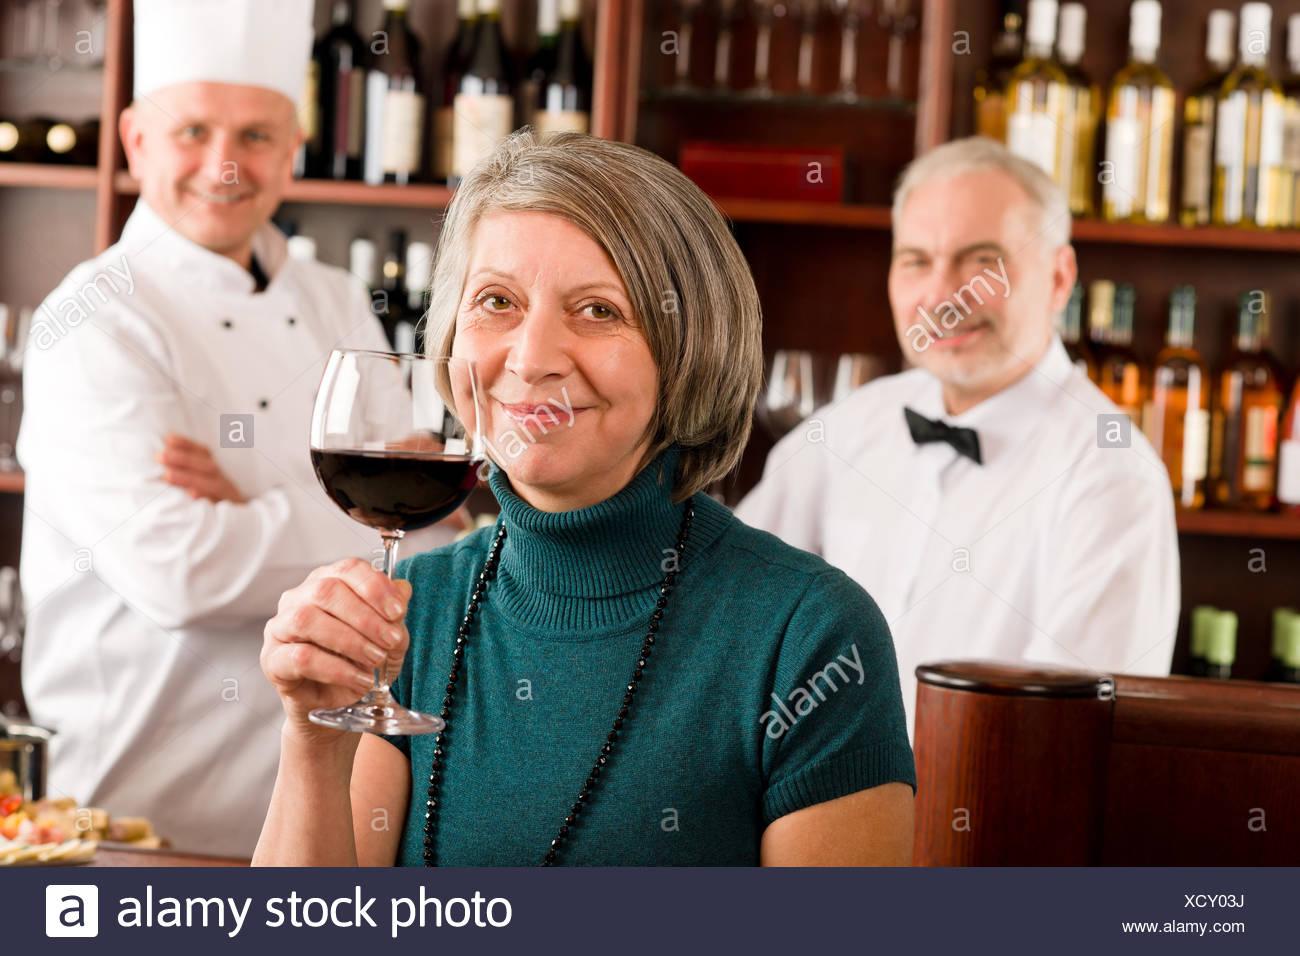 Woman Bartender Stockfotos & Woman Bartender Bilder - Seite 7 - Alamy